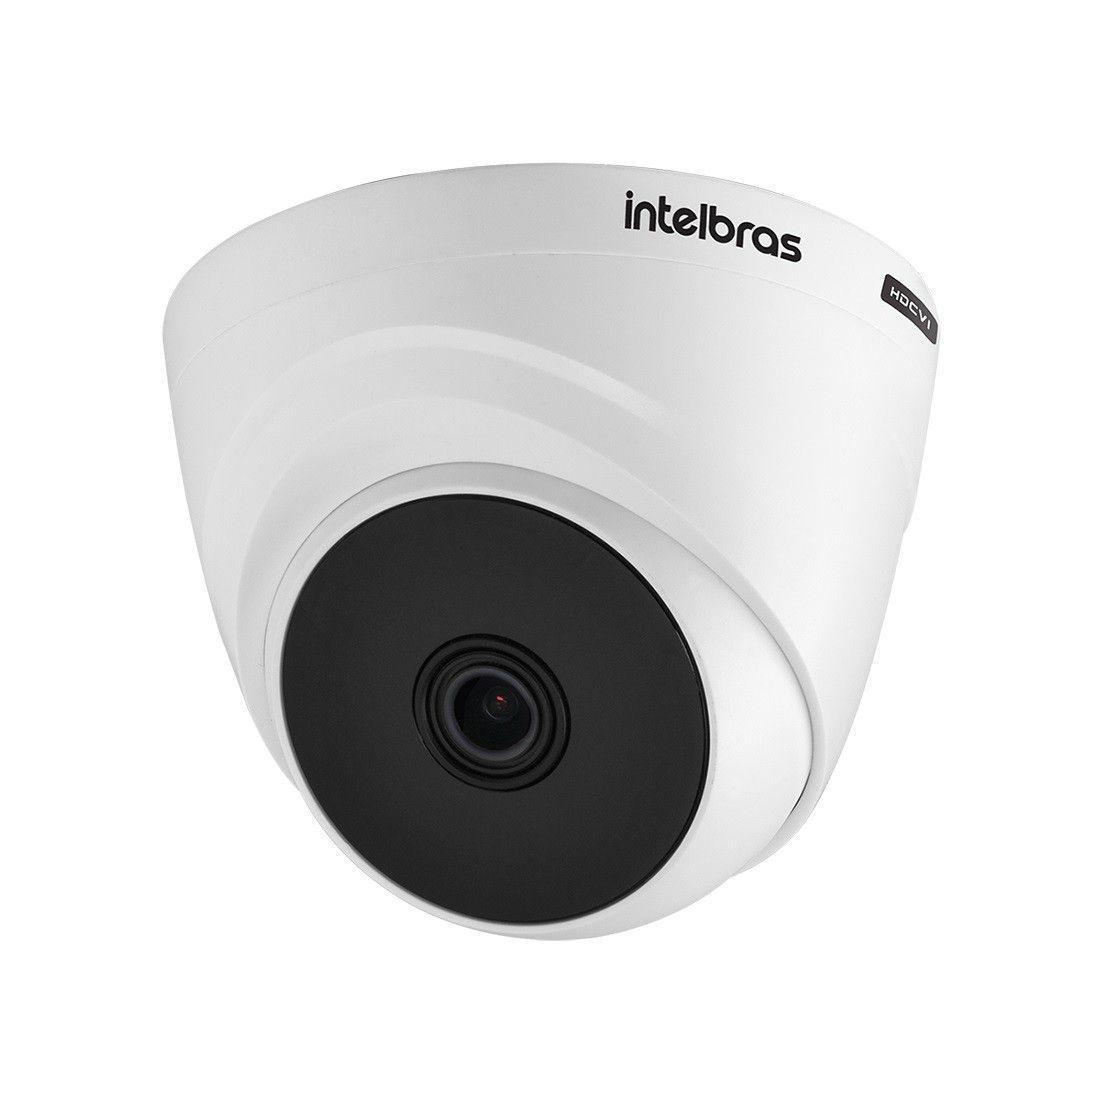 Kit 3 Câmeras de Segurança HD 720p Intelbras VHD 1010 D G6 DVR Multi HD de 4 Canais e Acessórios